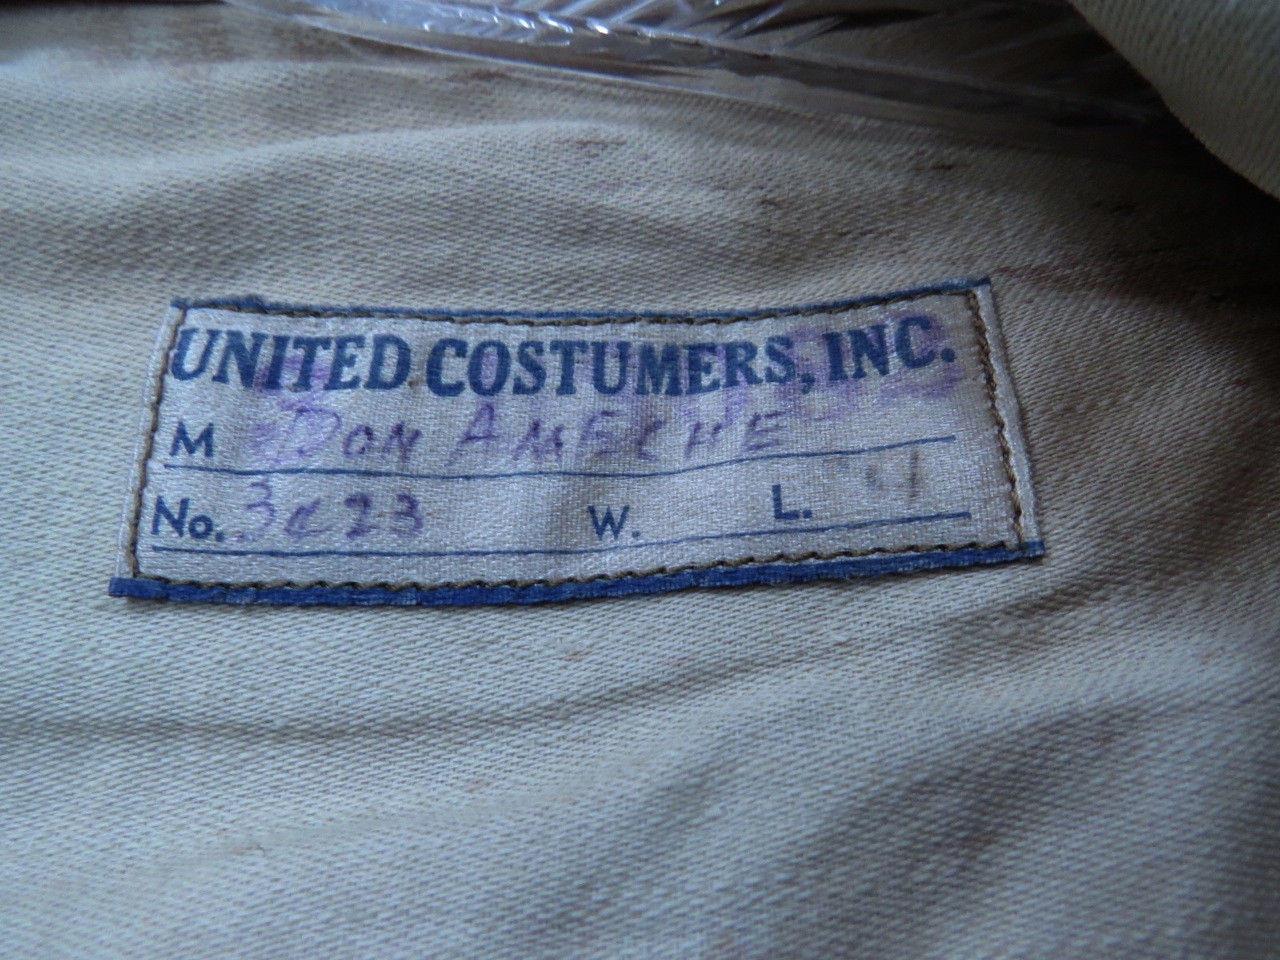 Etiquette de la UNITED CUSTUMERS (voir biographie) à l'intérieur du gilet. Le nom DON AMECHE est inscrit dessus.